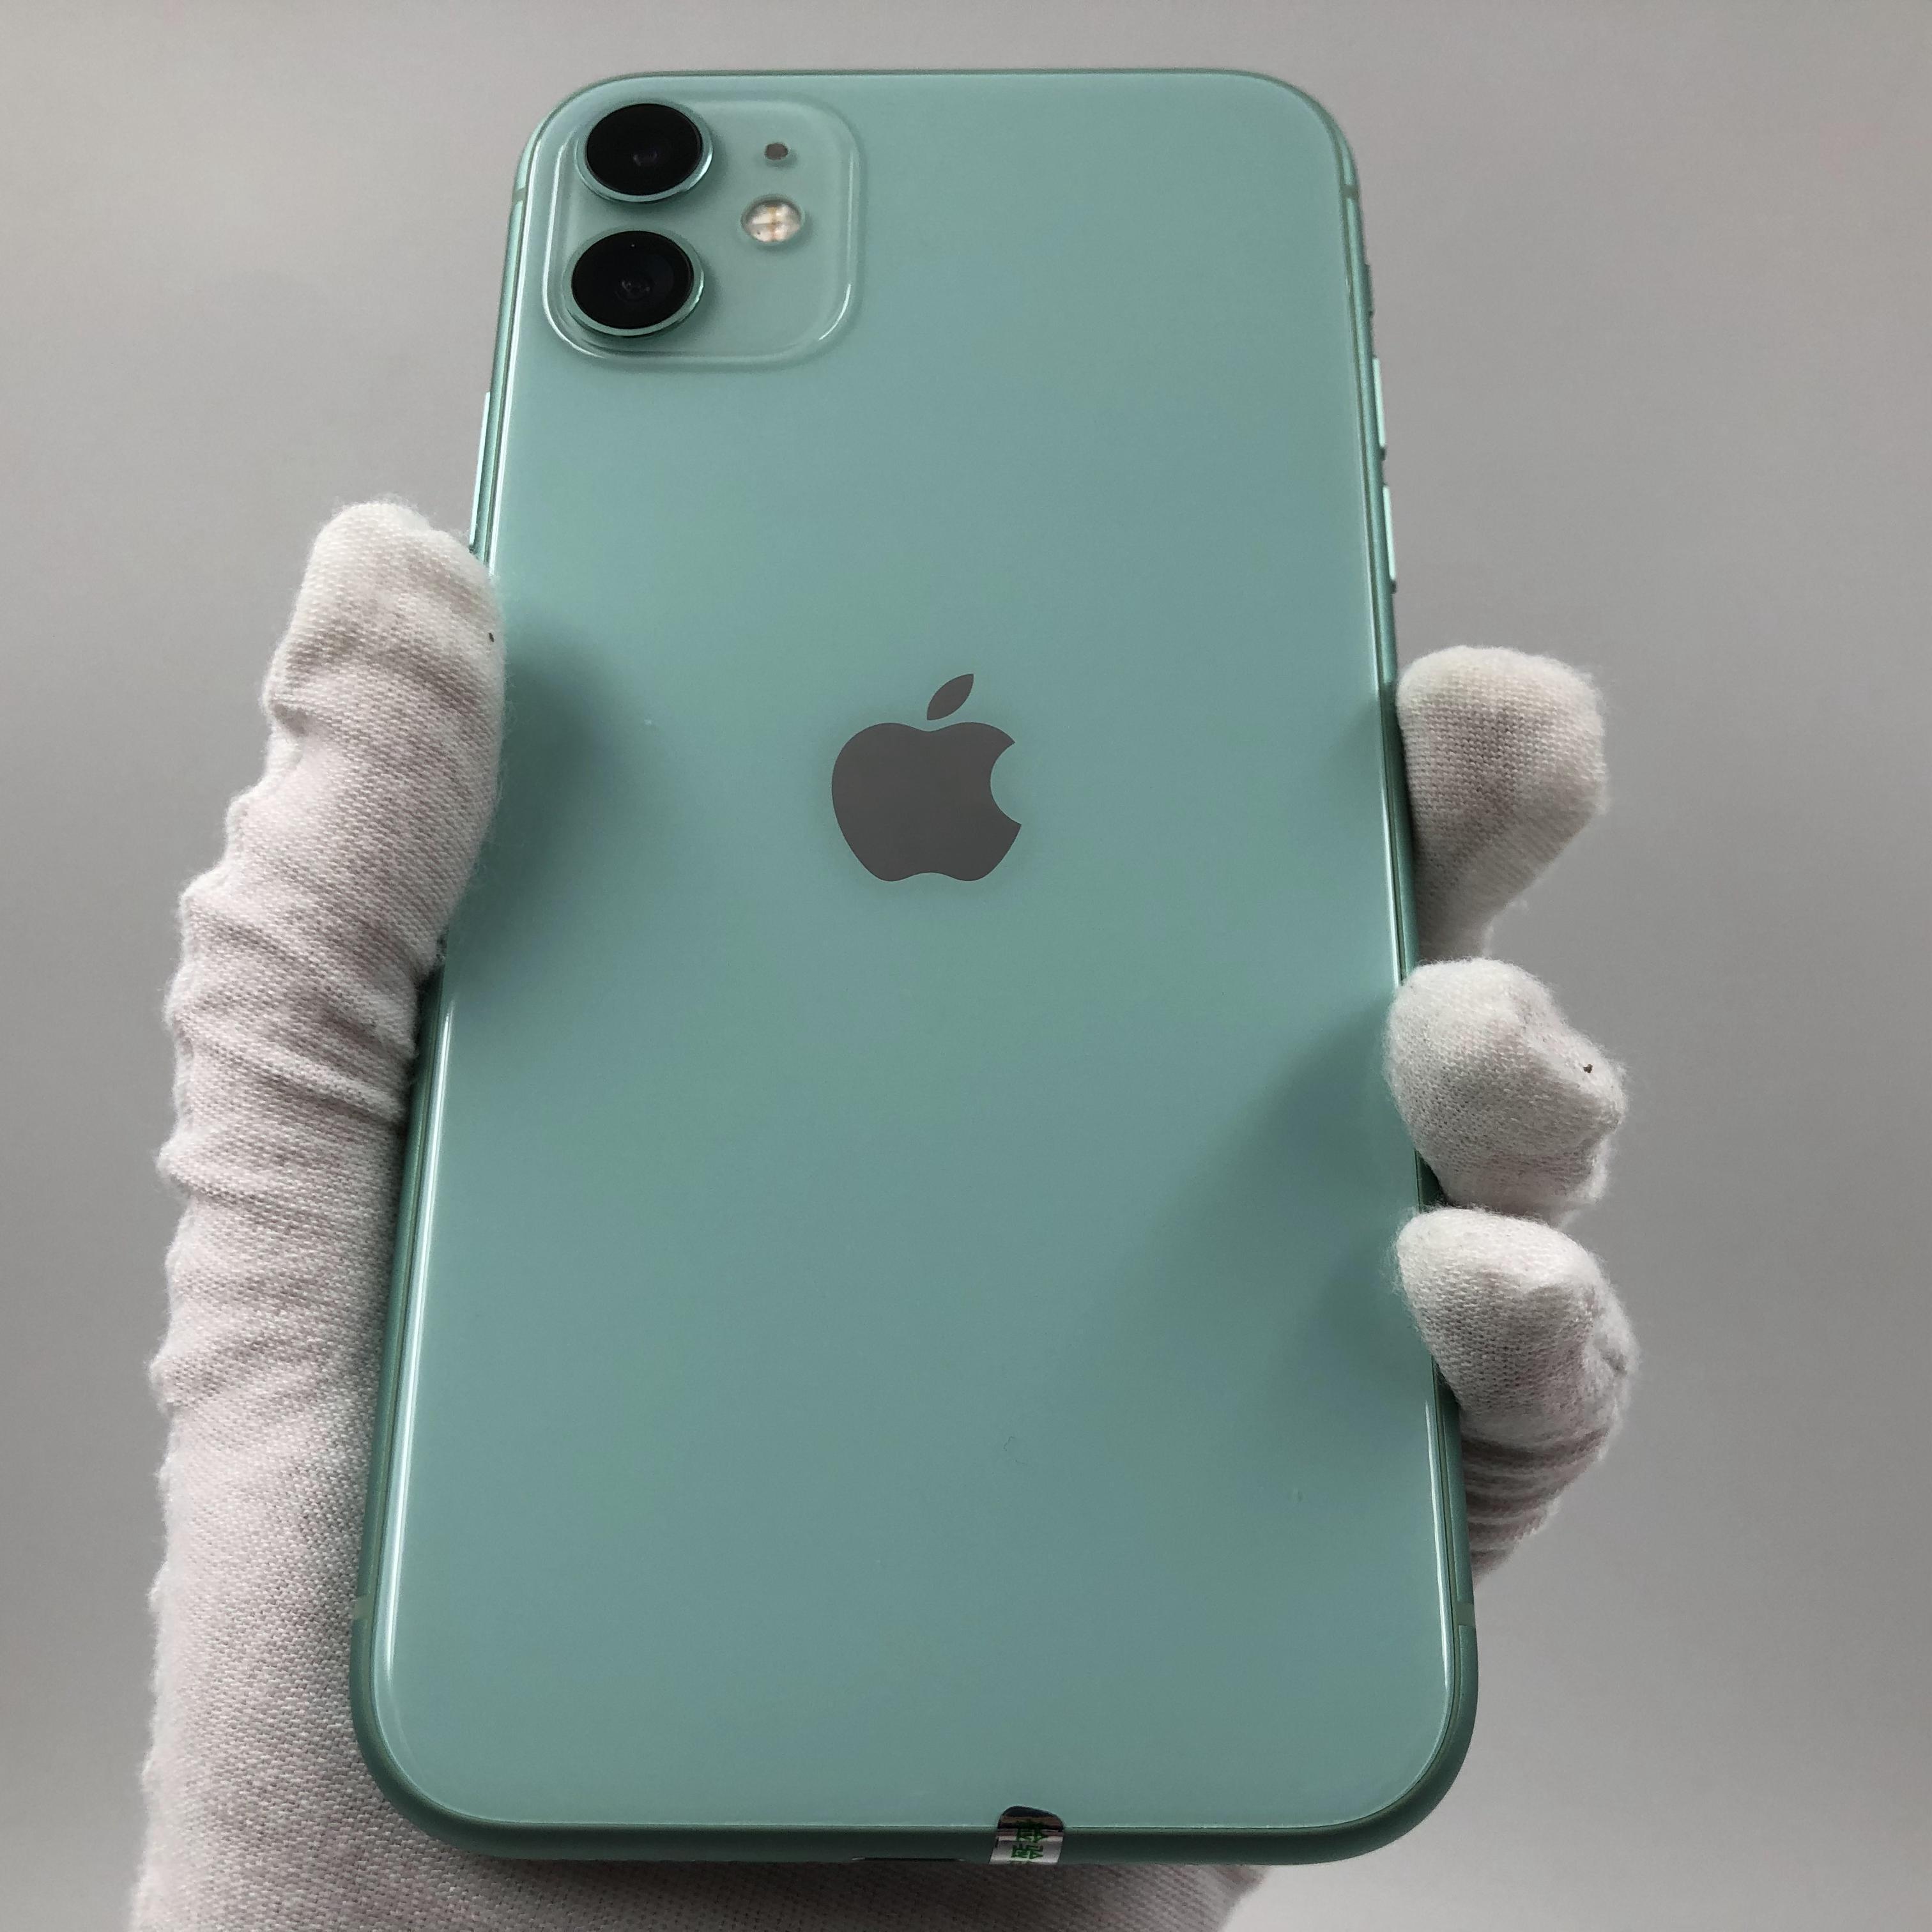 苹果【iPhone 11】4G全网通 绿色 128G 国行 8成新 真机实拍官保2021-08-19